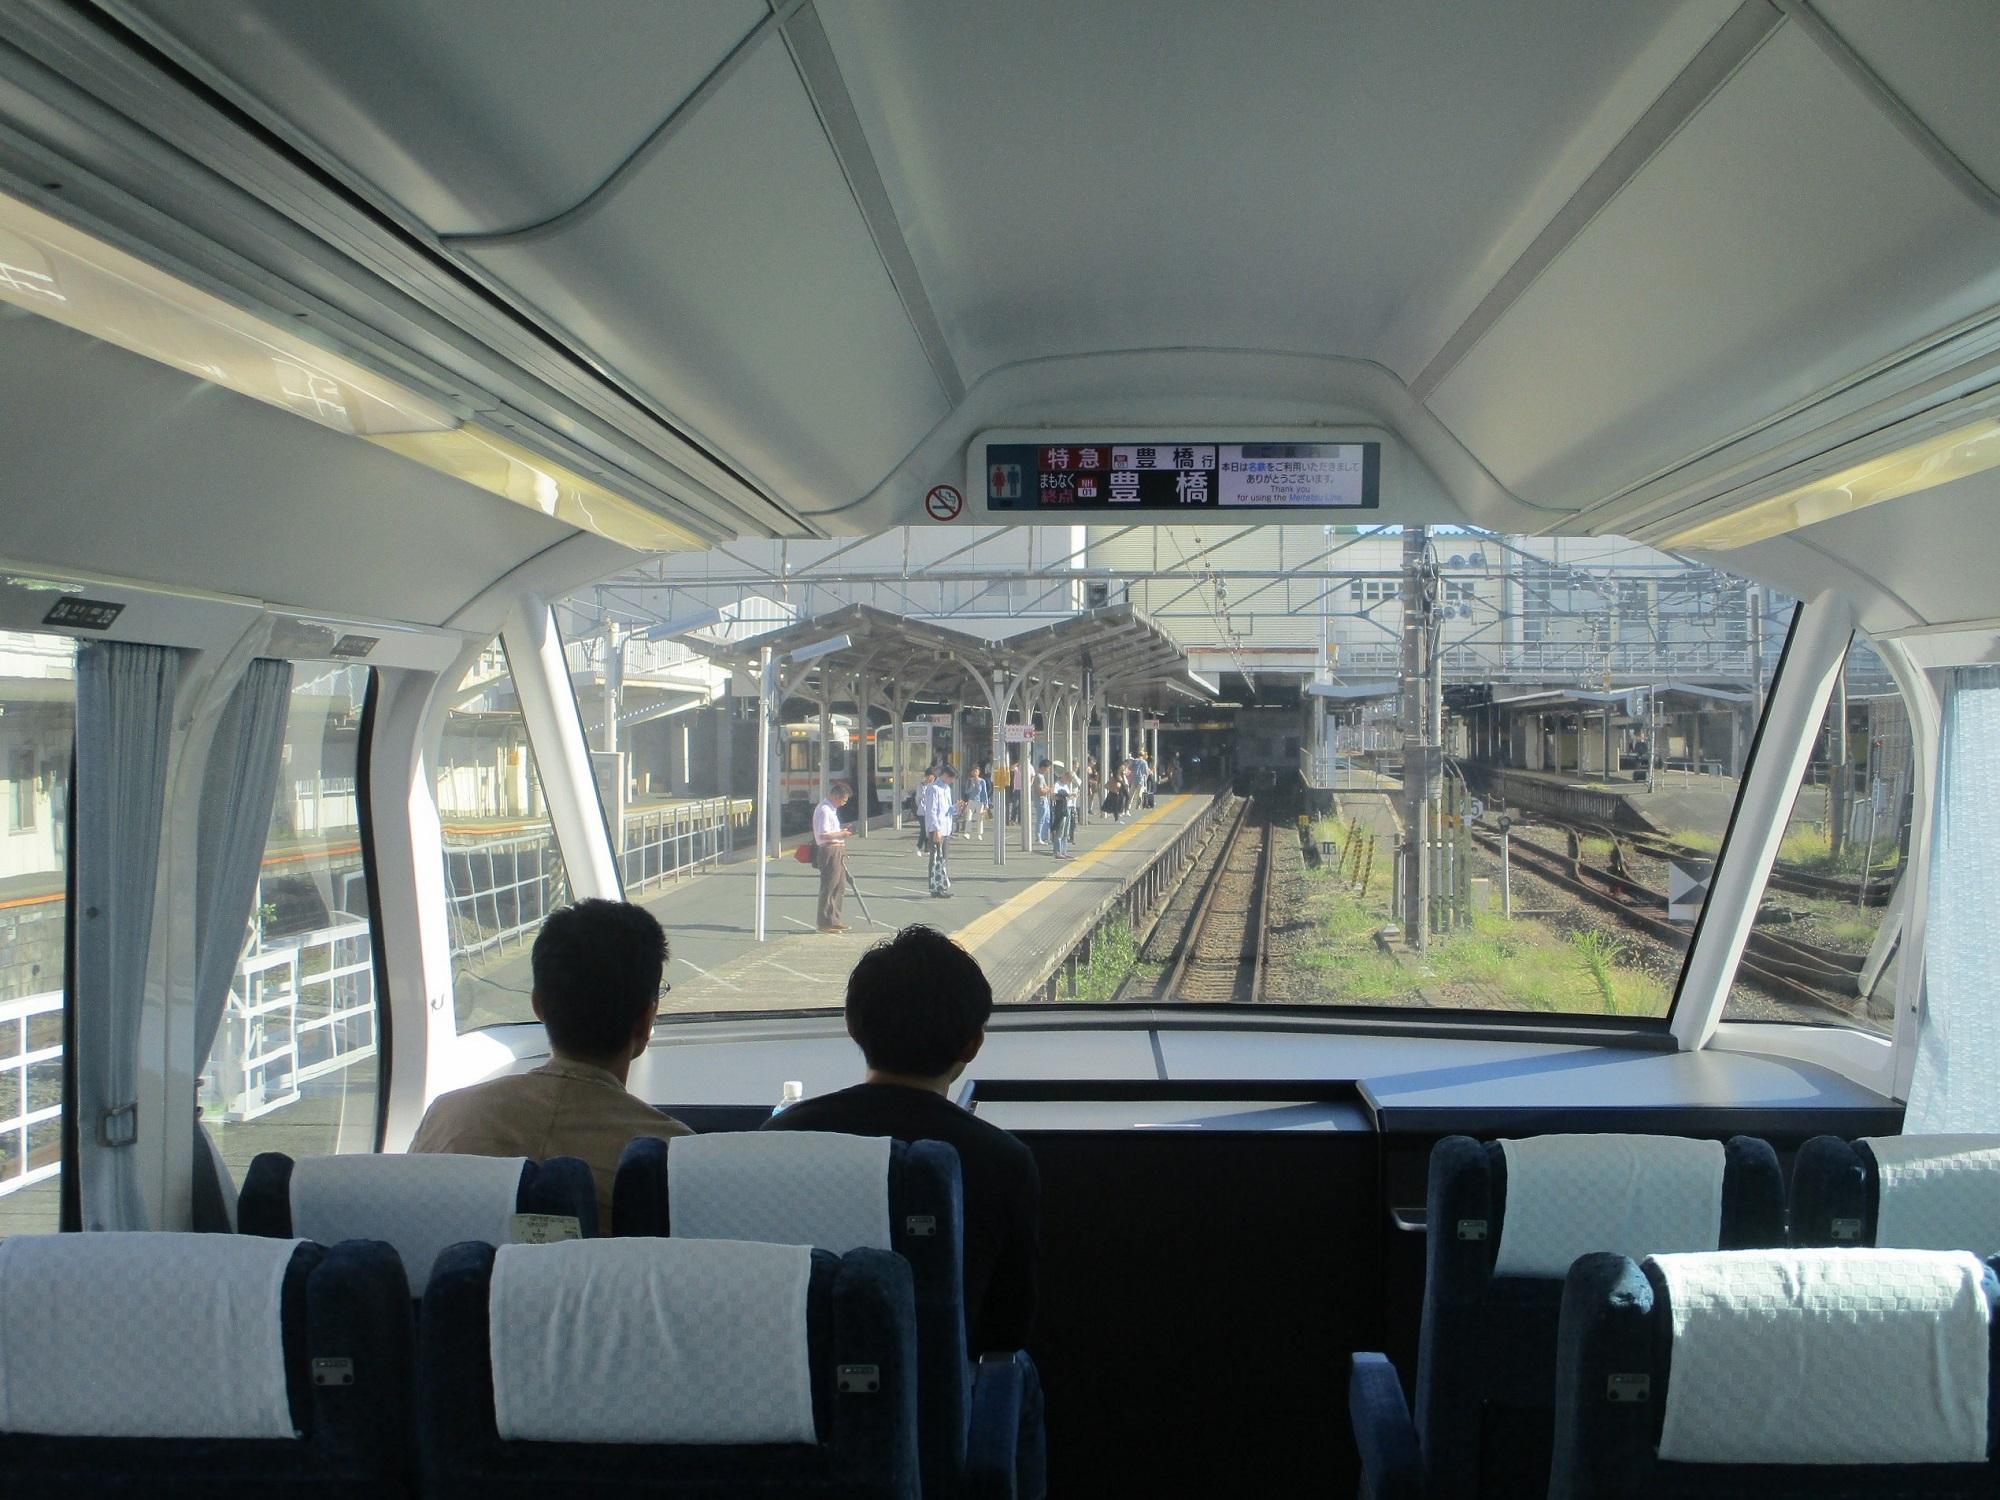 2019.10.13 (27) 豊橋いき特急 - 豊橋 2000-1500